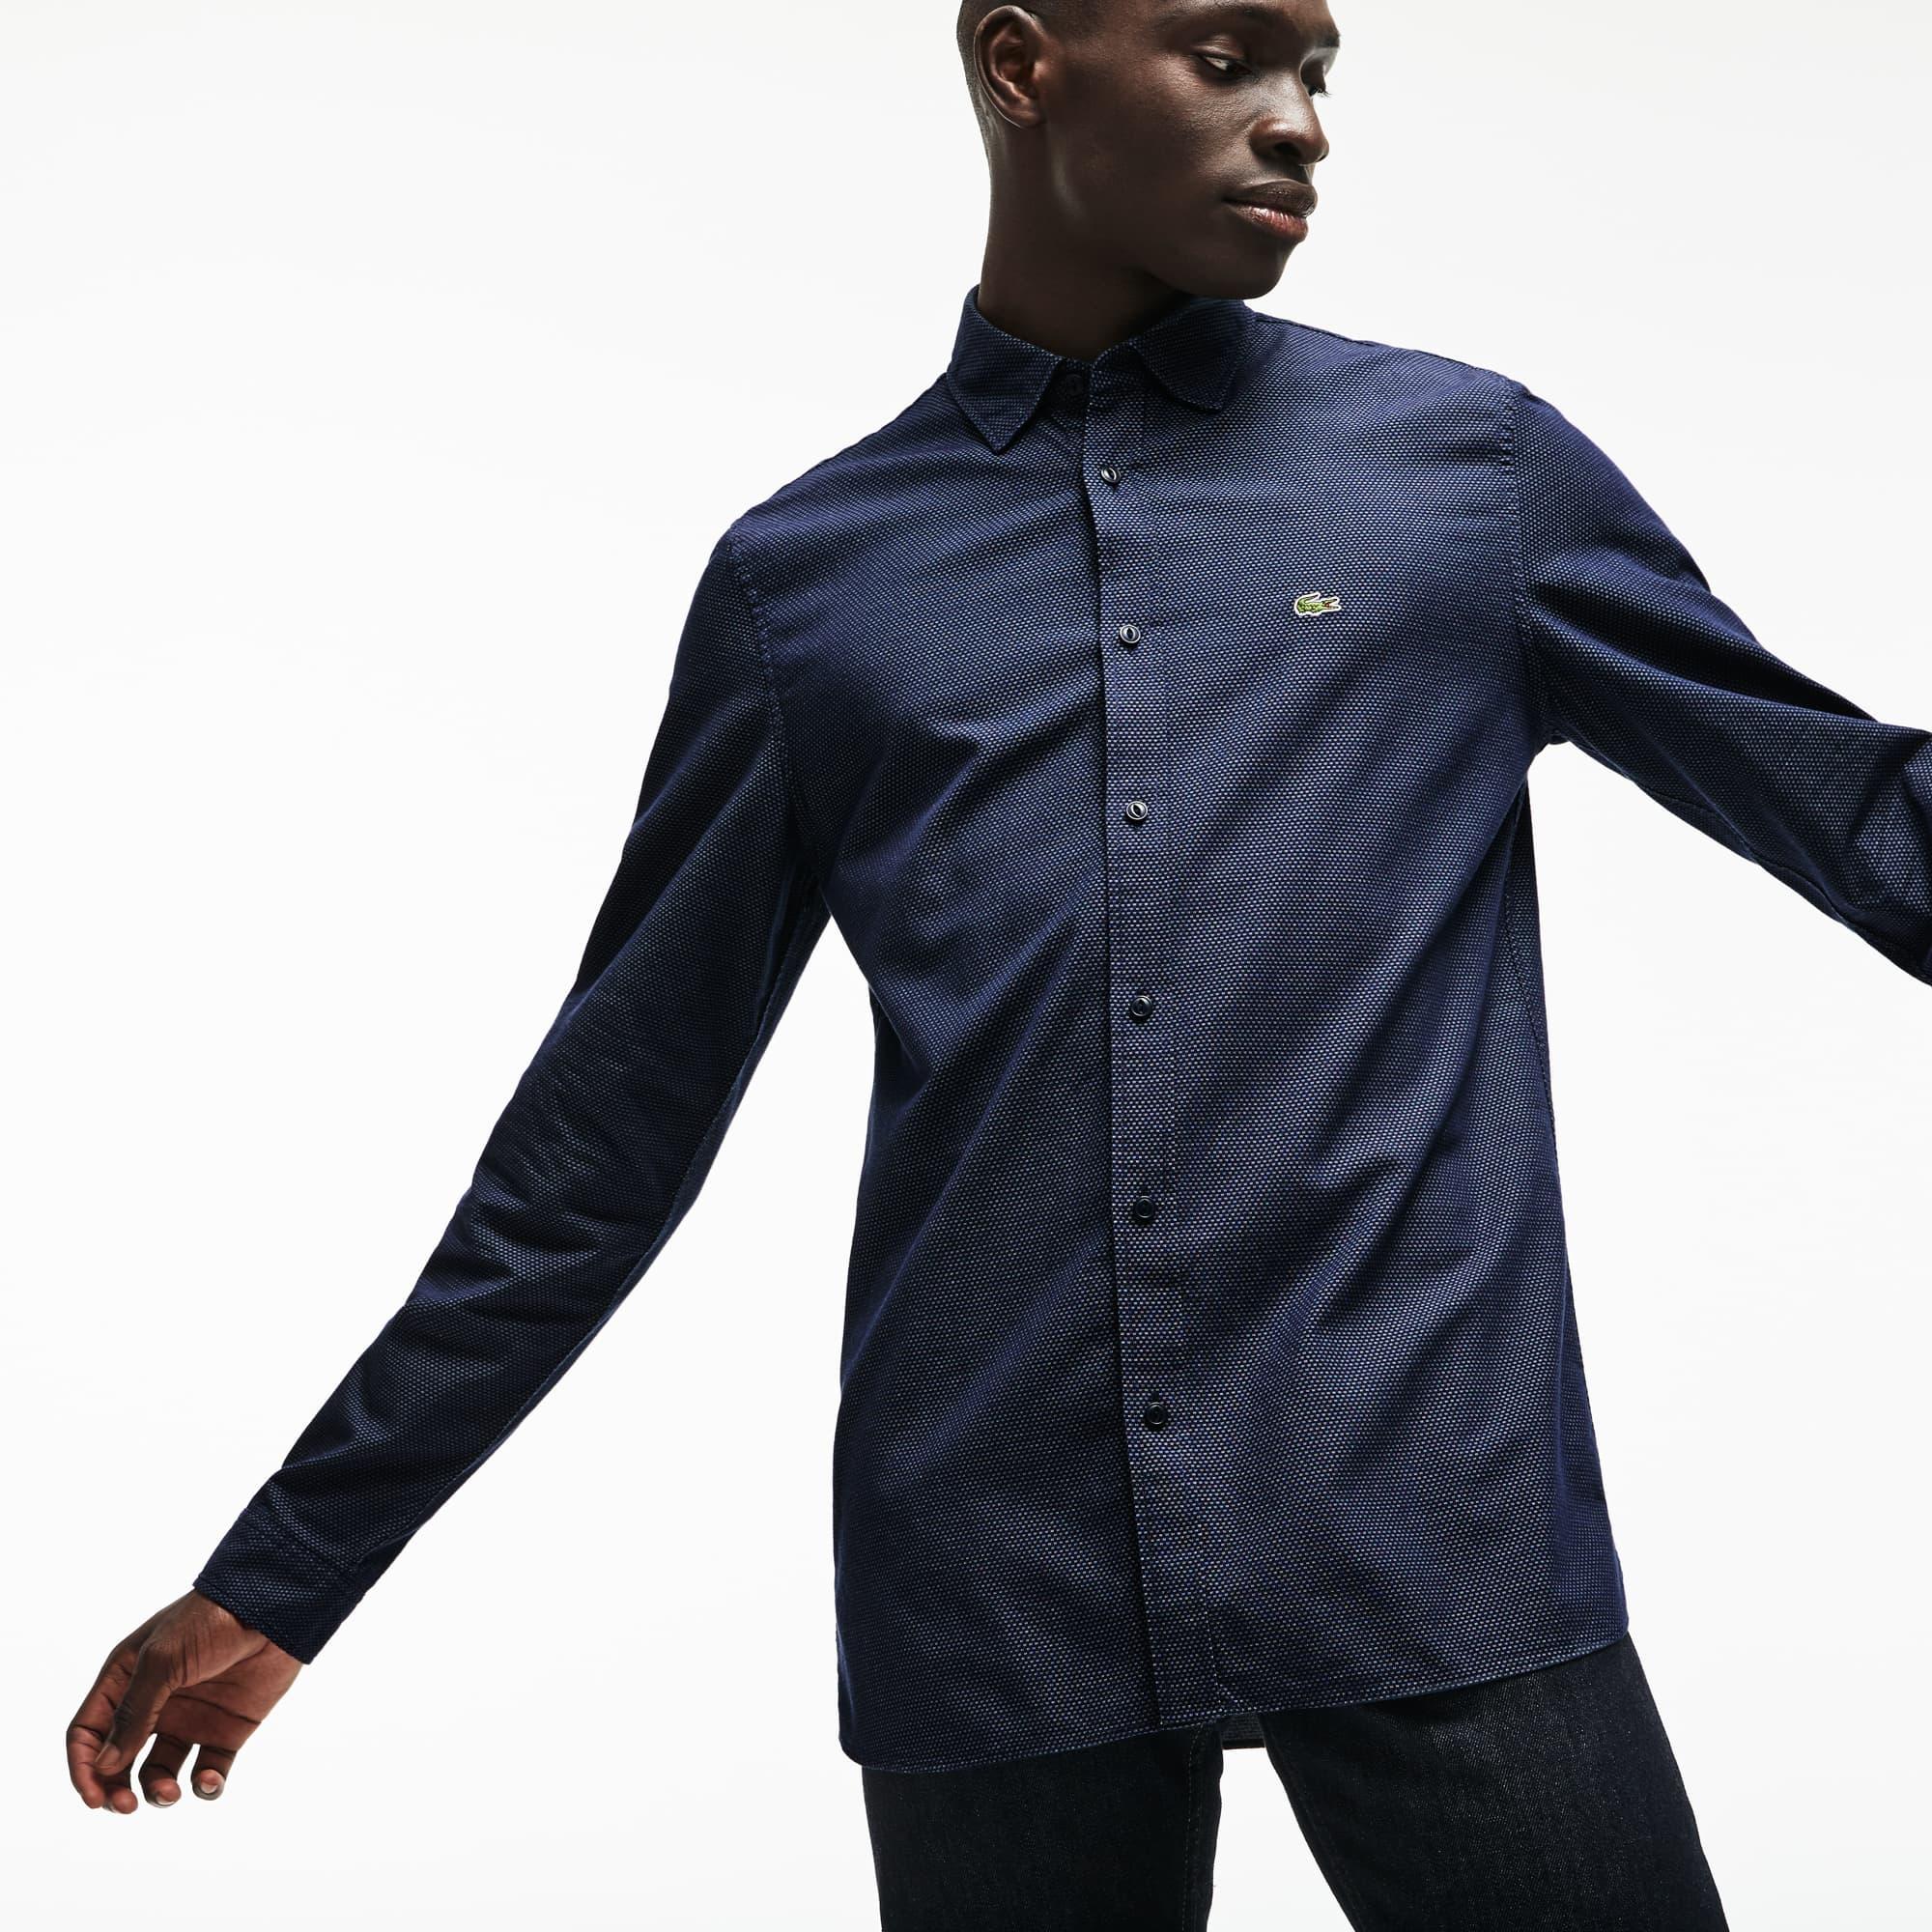 Slim Fit Herren-Hemd aus gepunkteter Jacquard-Popeline